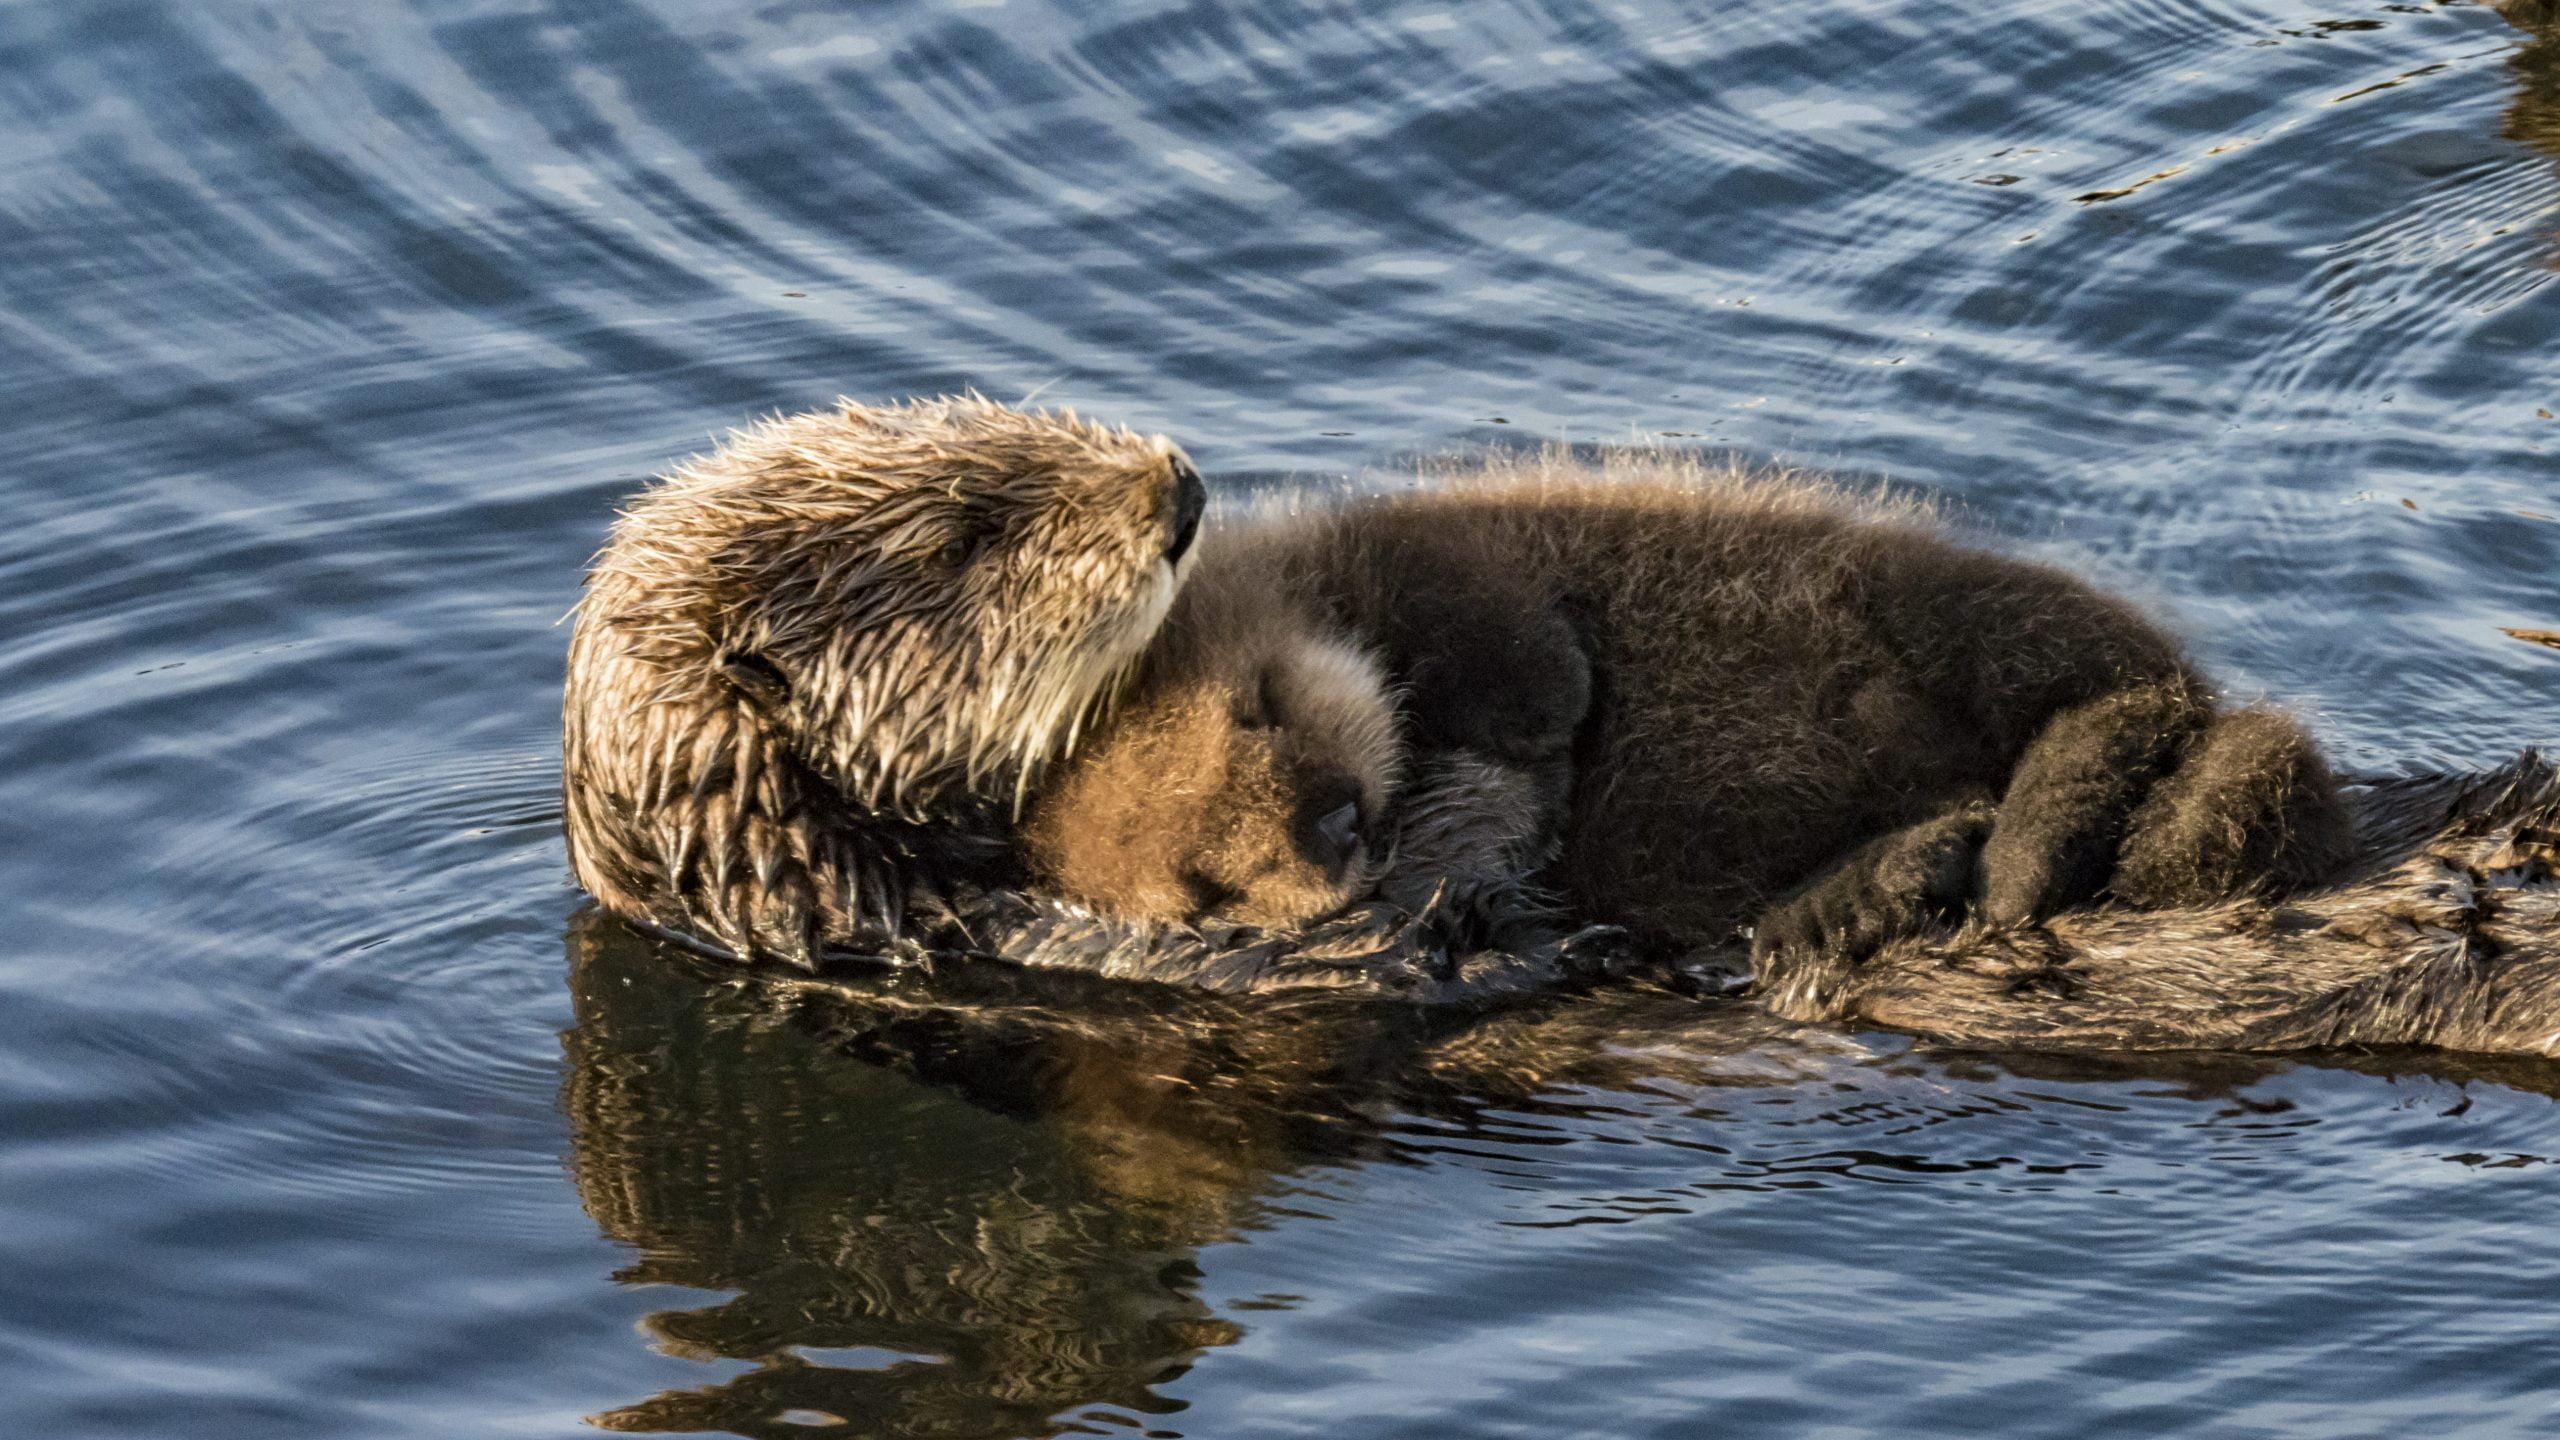 Mère loutre de mer et son bébé loutreau dans l'eau